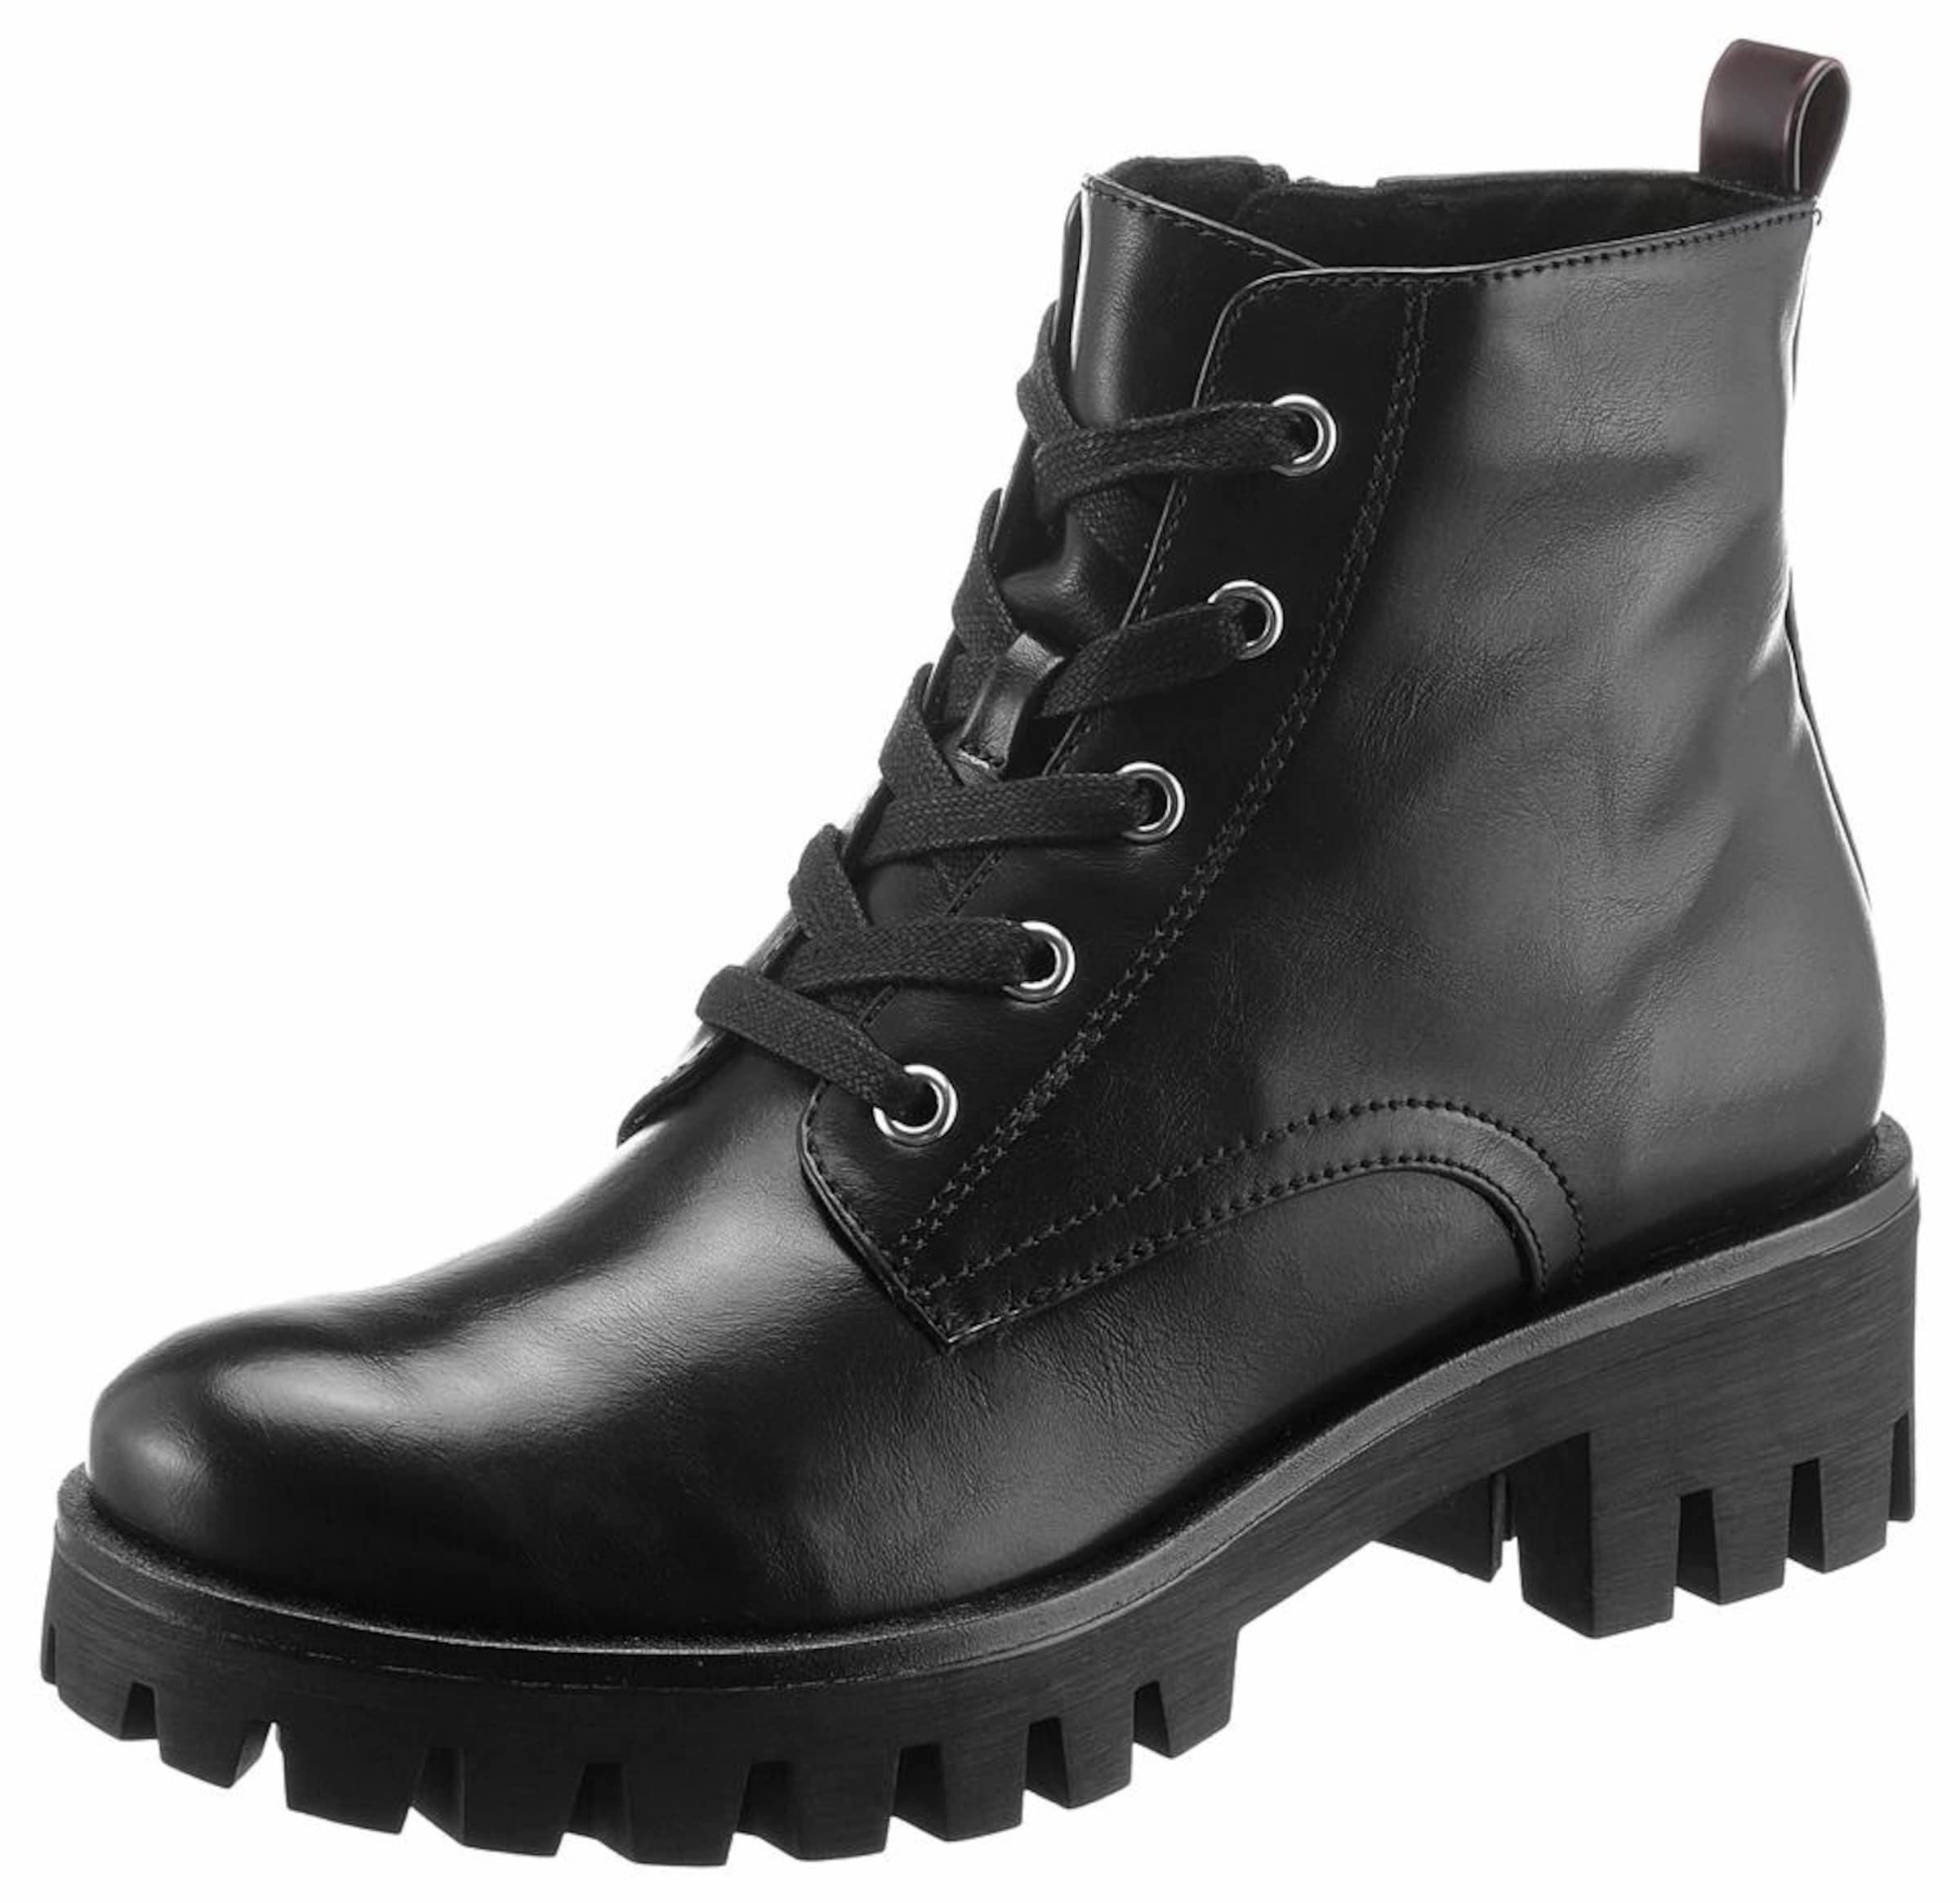 TAMARIS Schnürboots Verschleißfeste billige Schuhe Hohe Qualität